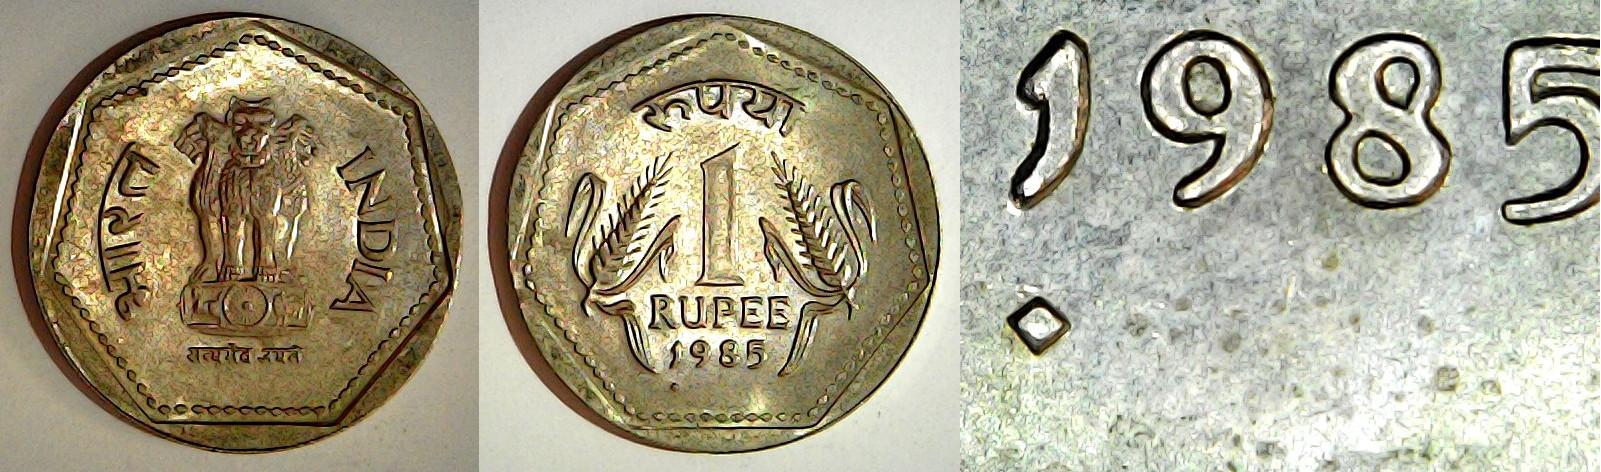 1 rupee 1985 Llantrisant Inde